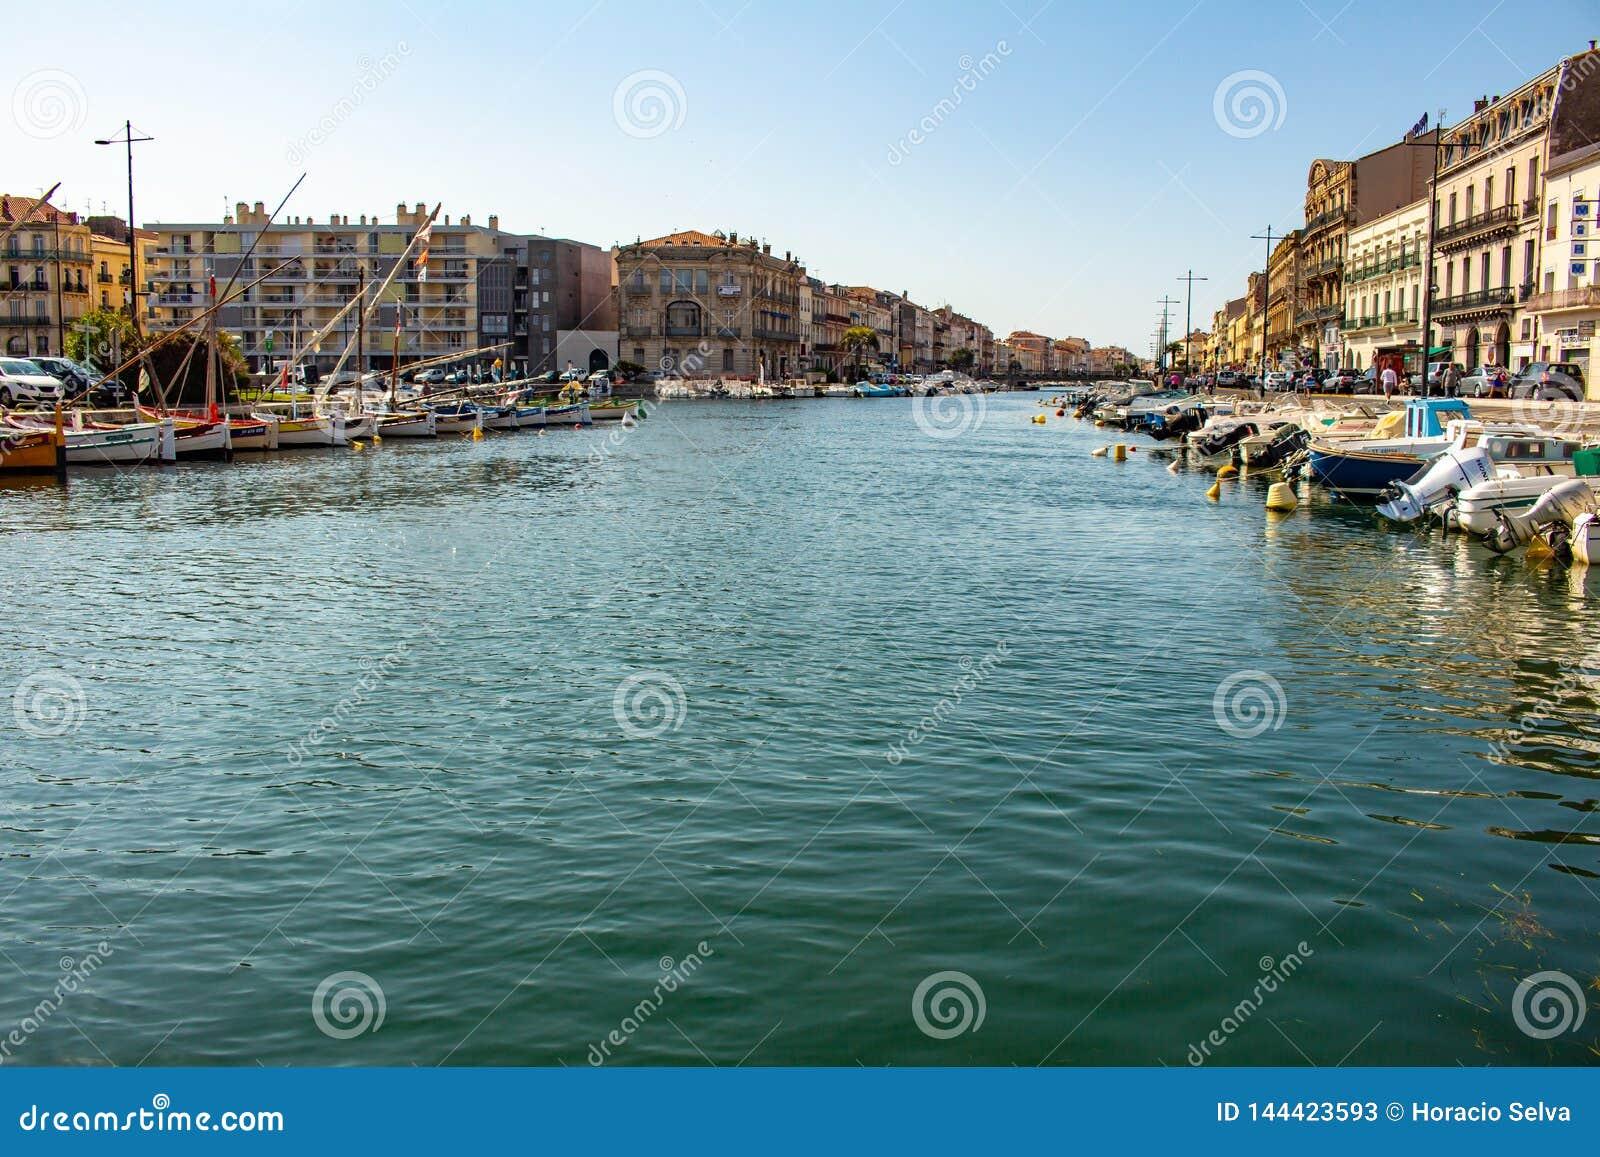 Sete, Frankreich am 20. Mai 2018 Renaissancegebäude nahe bei dem Wasser der Kanäle der Stadt bevölkert durch kleine Boote